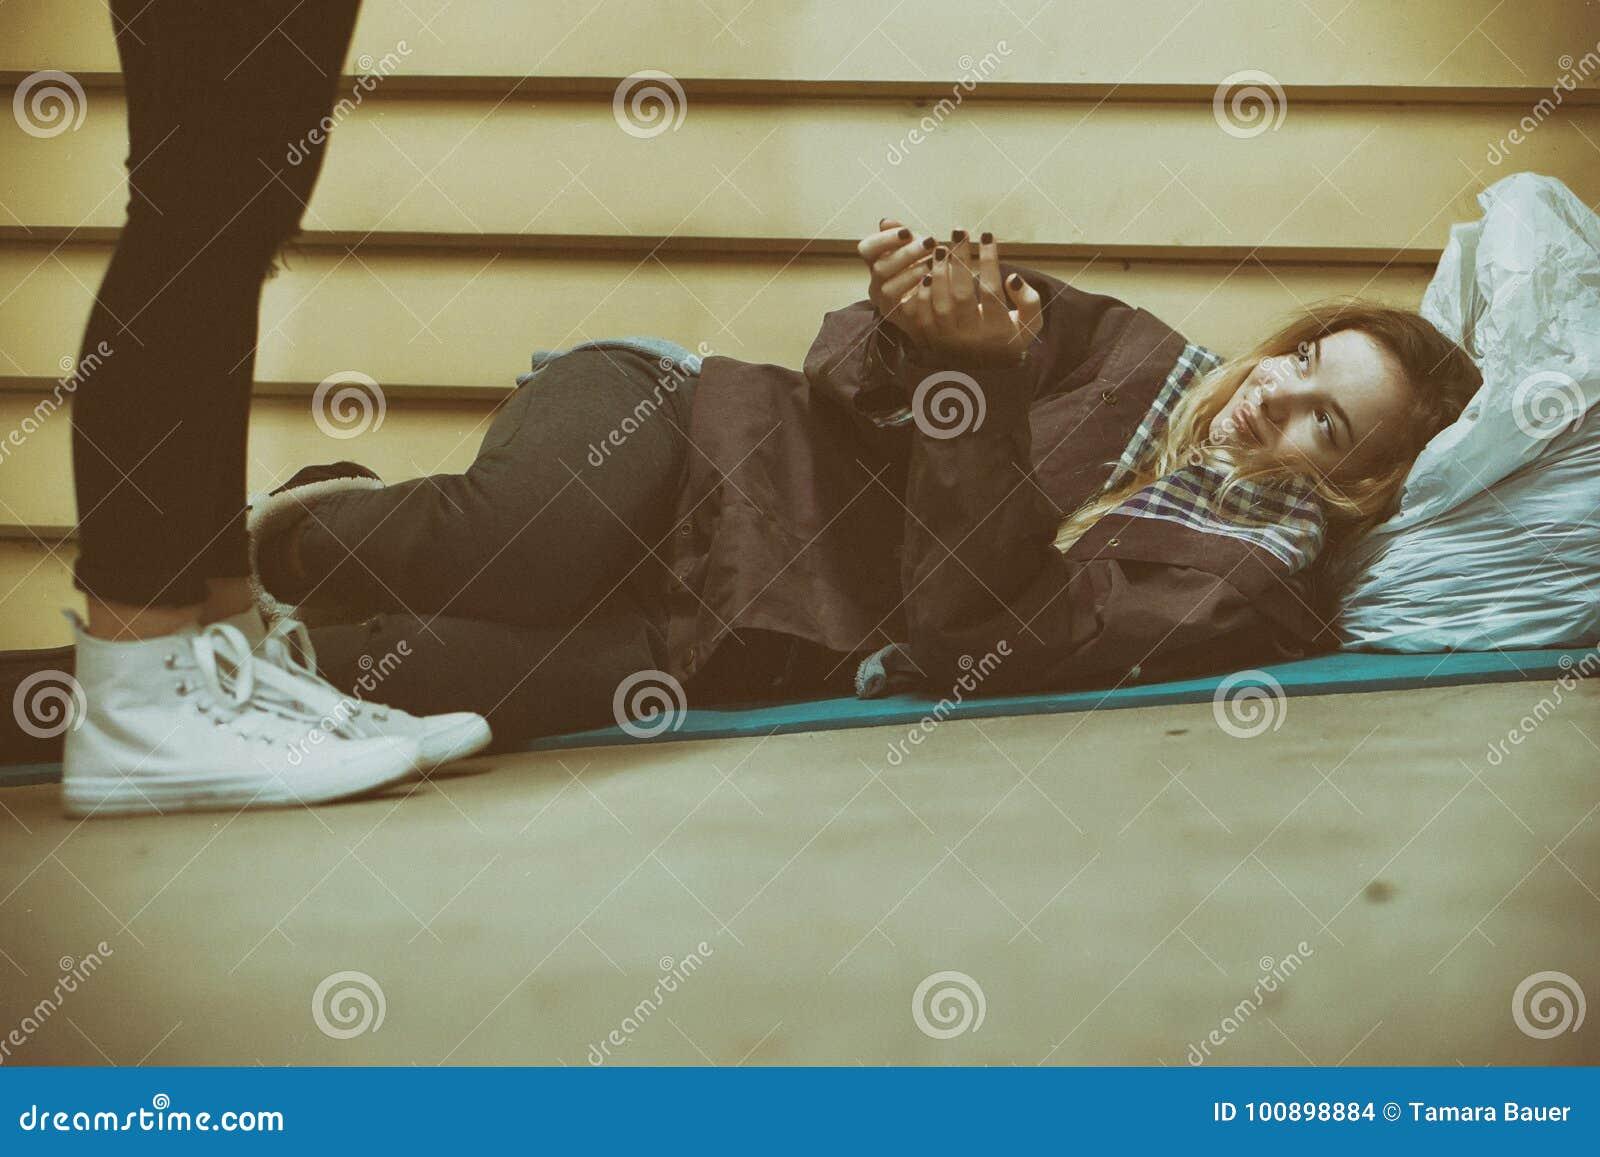 homeless-shelter-for-teen